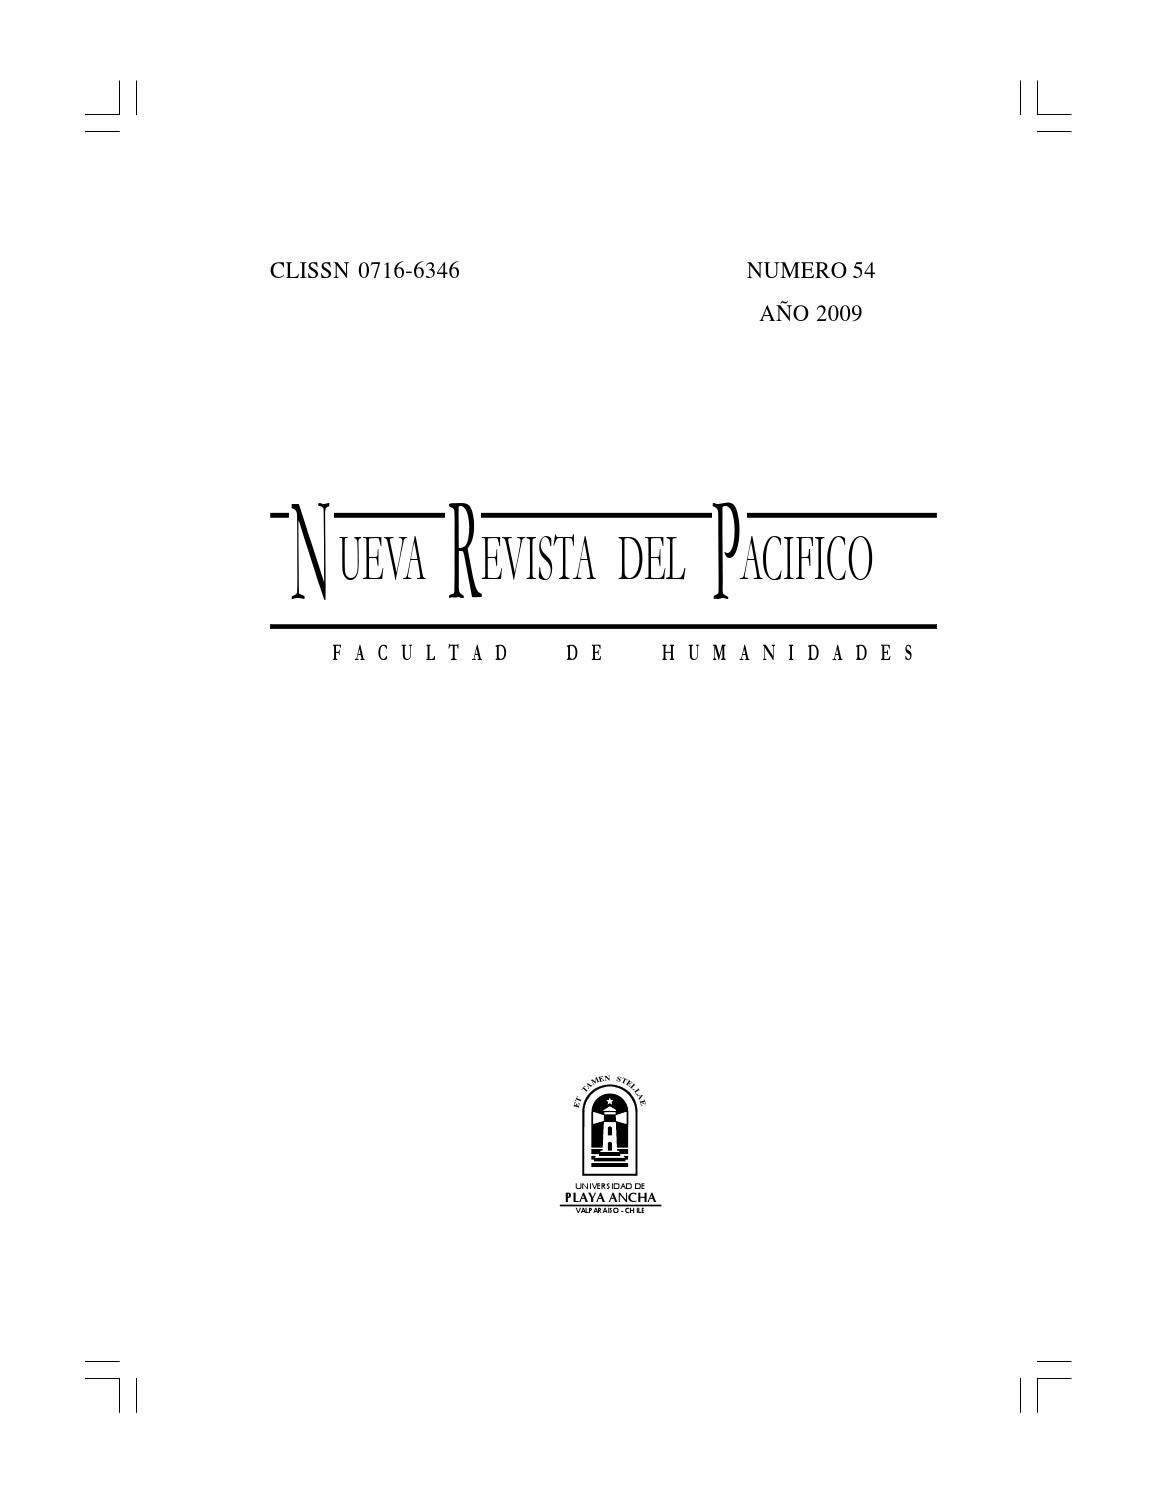 Nueva revista del pacífico nº54 55 2009 2010 by Bibliotecas UPLA - issuu